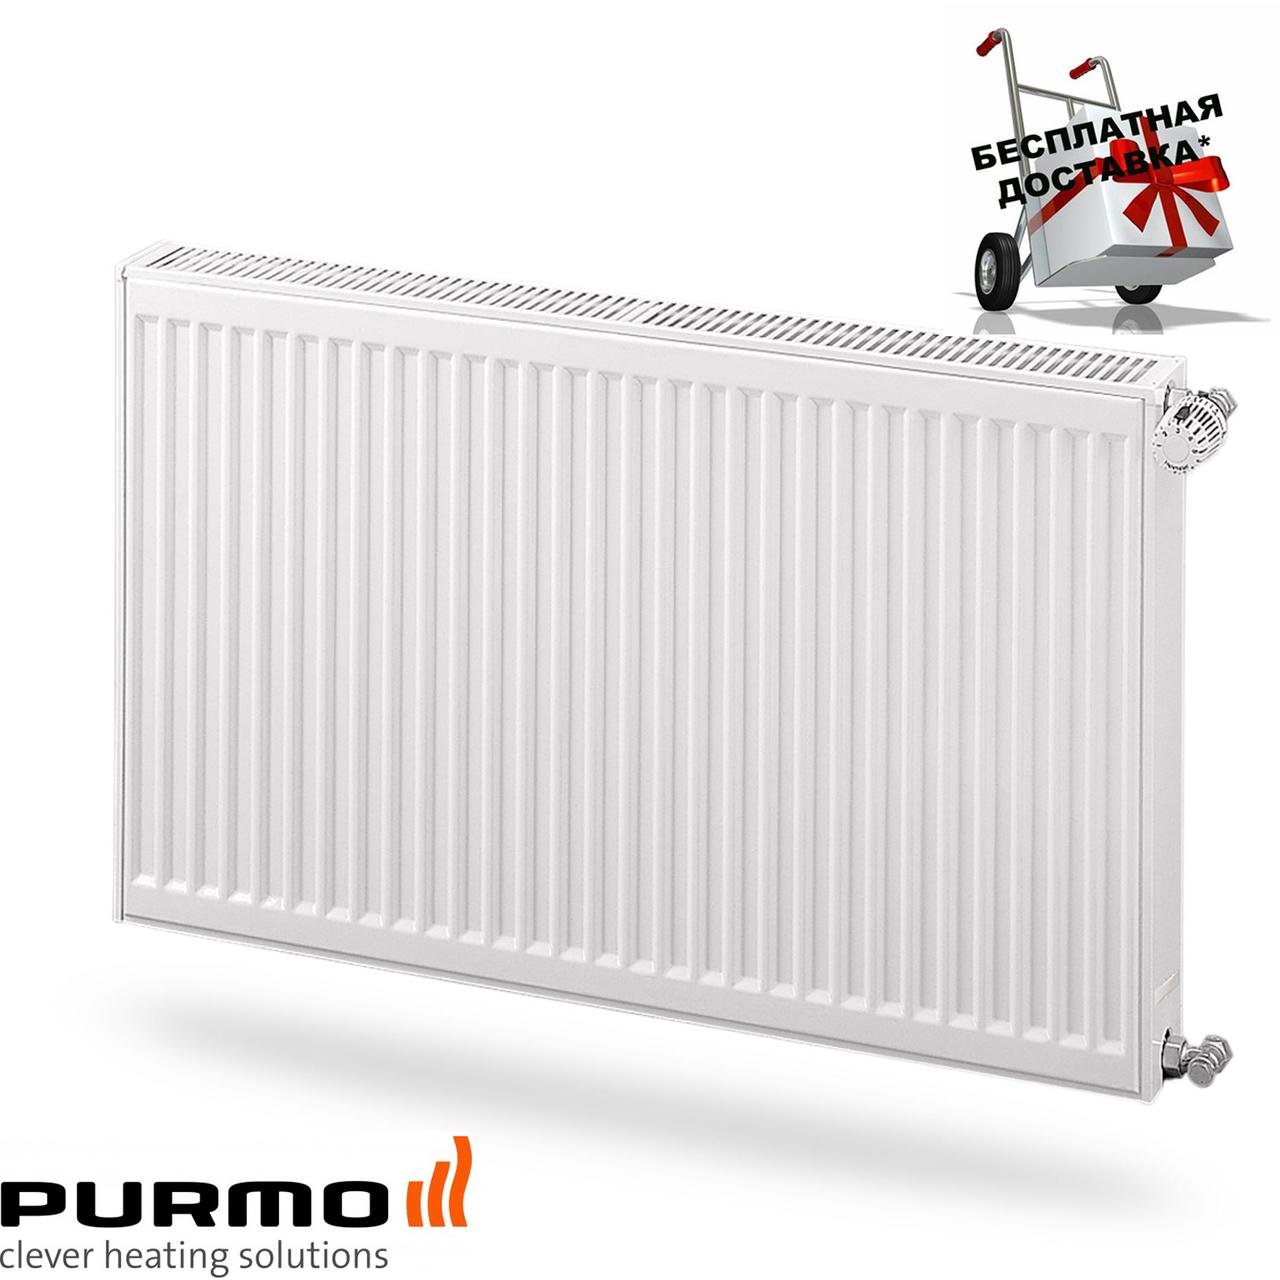 Стальной (панельный) радиатор PURMO Compact т22 500x600 боковое подключение